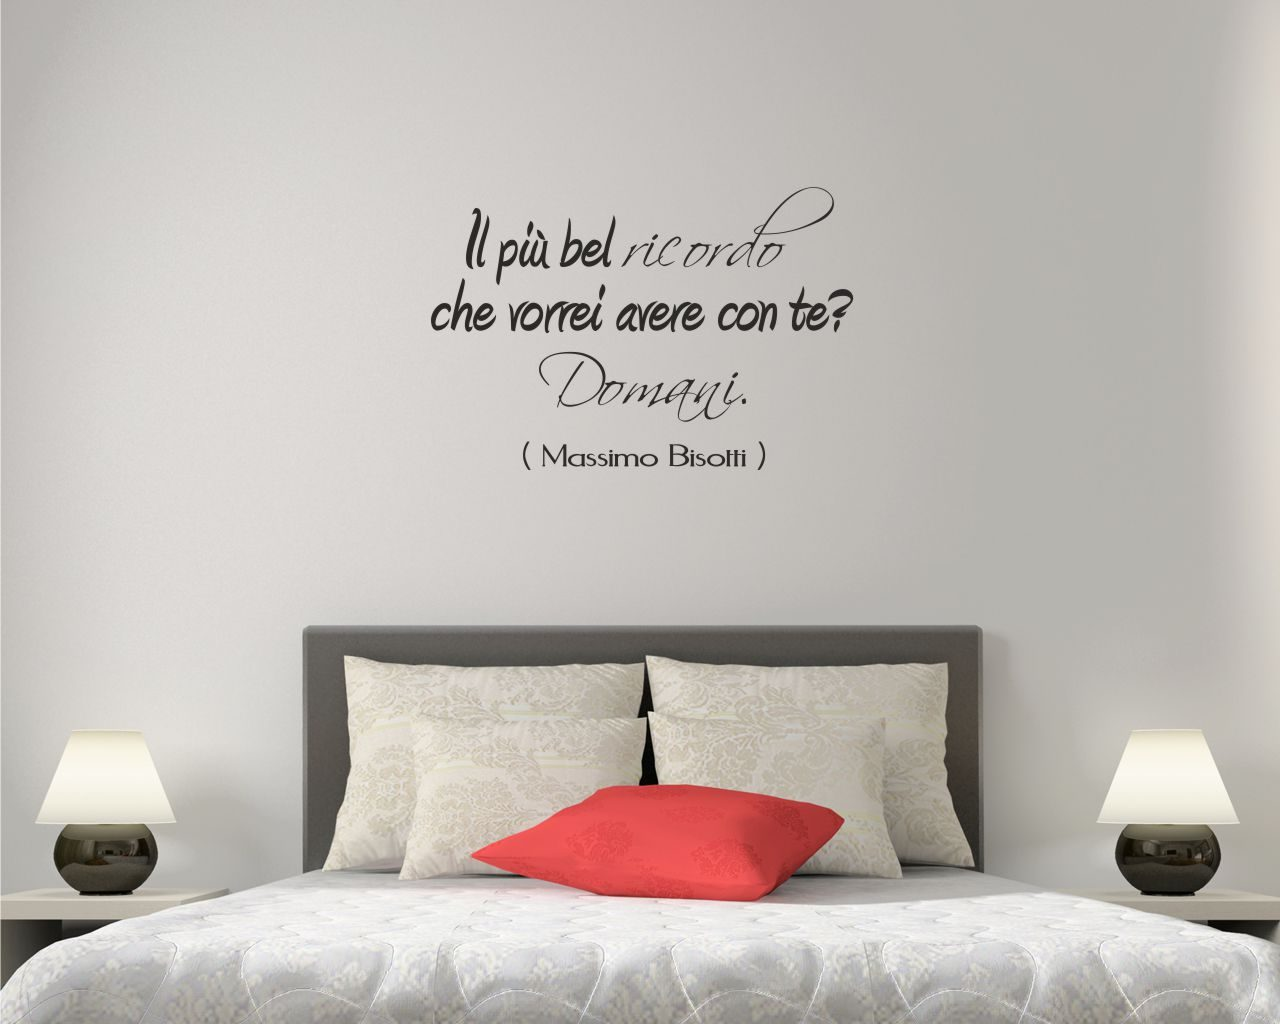 Il piu bel ricordo frasi aforismi citazioni adesivo - Frasi porche a letto ...